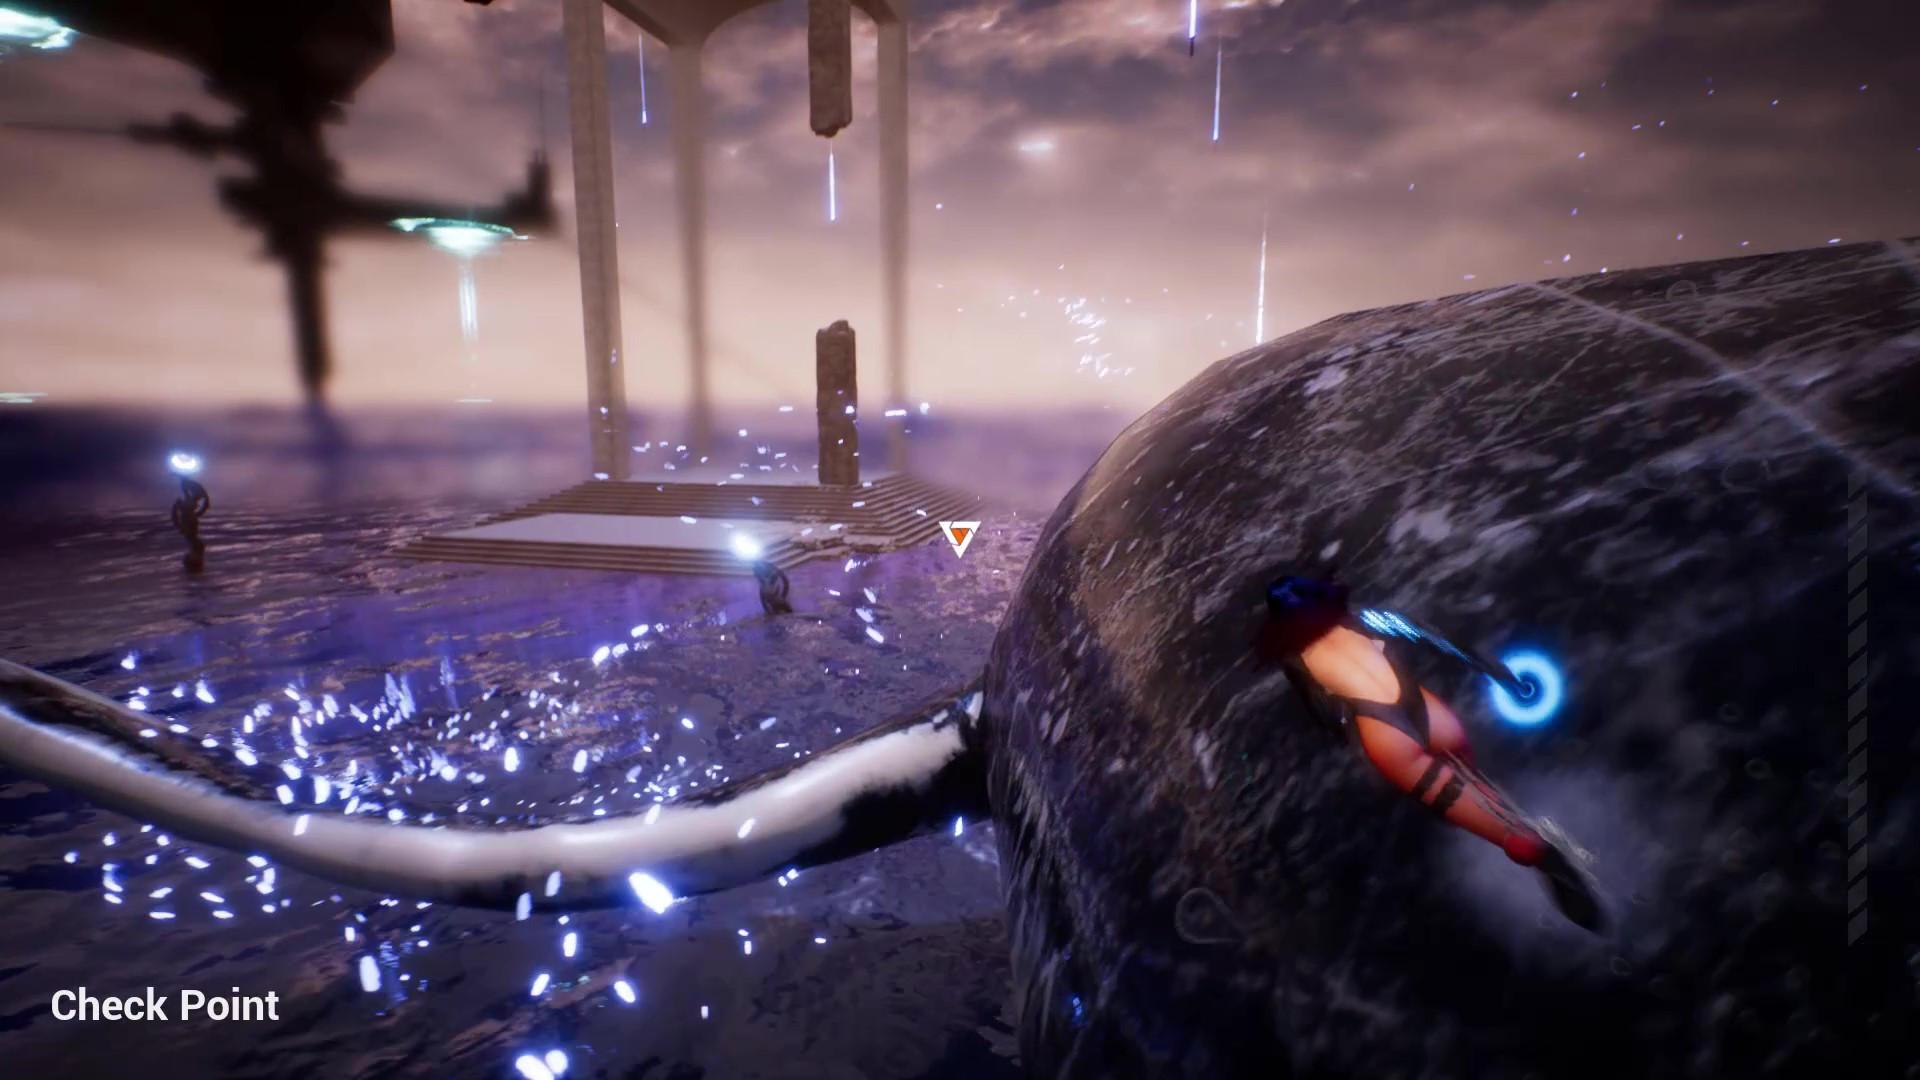 《飘移:羽毛的重量》推出免费试玩版 2021年登陆PC